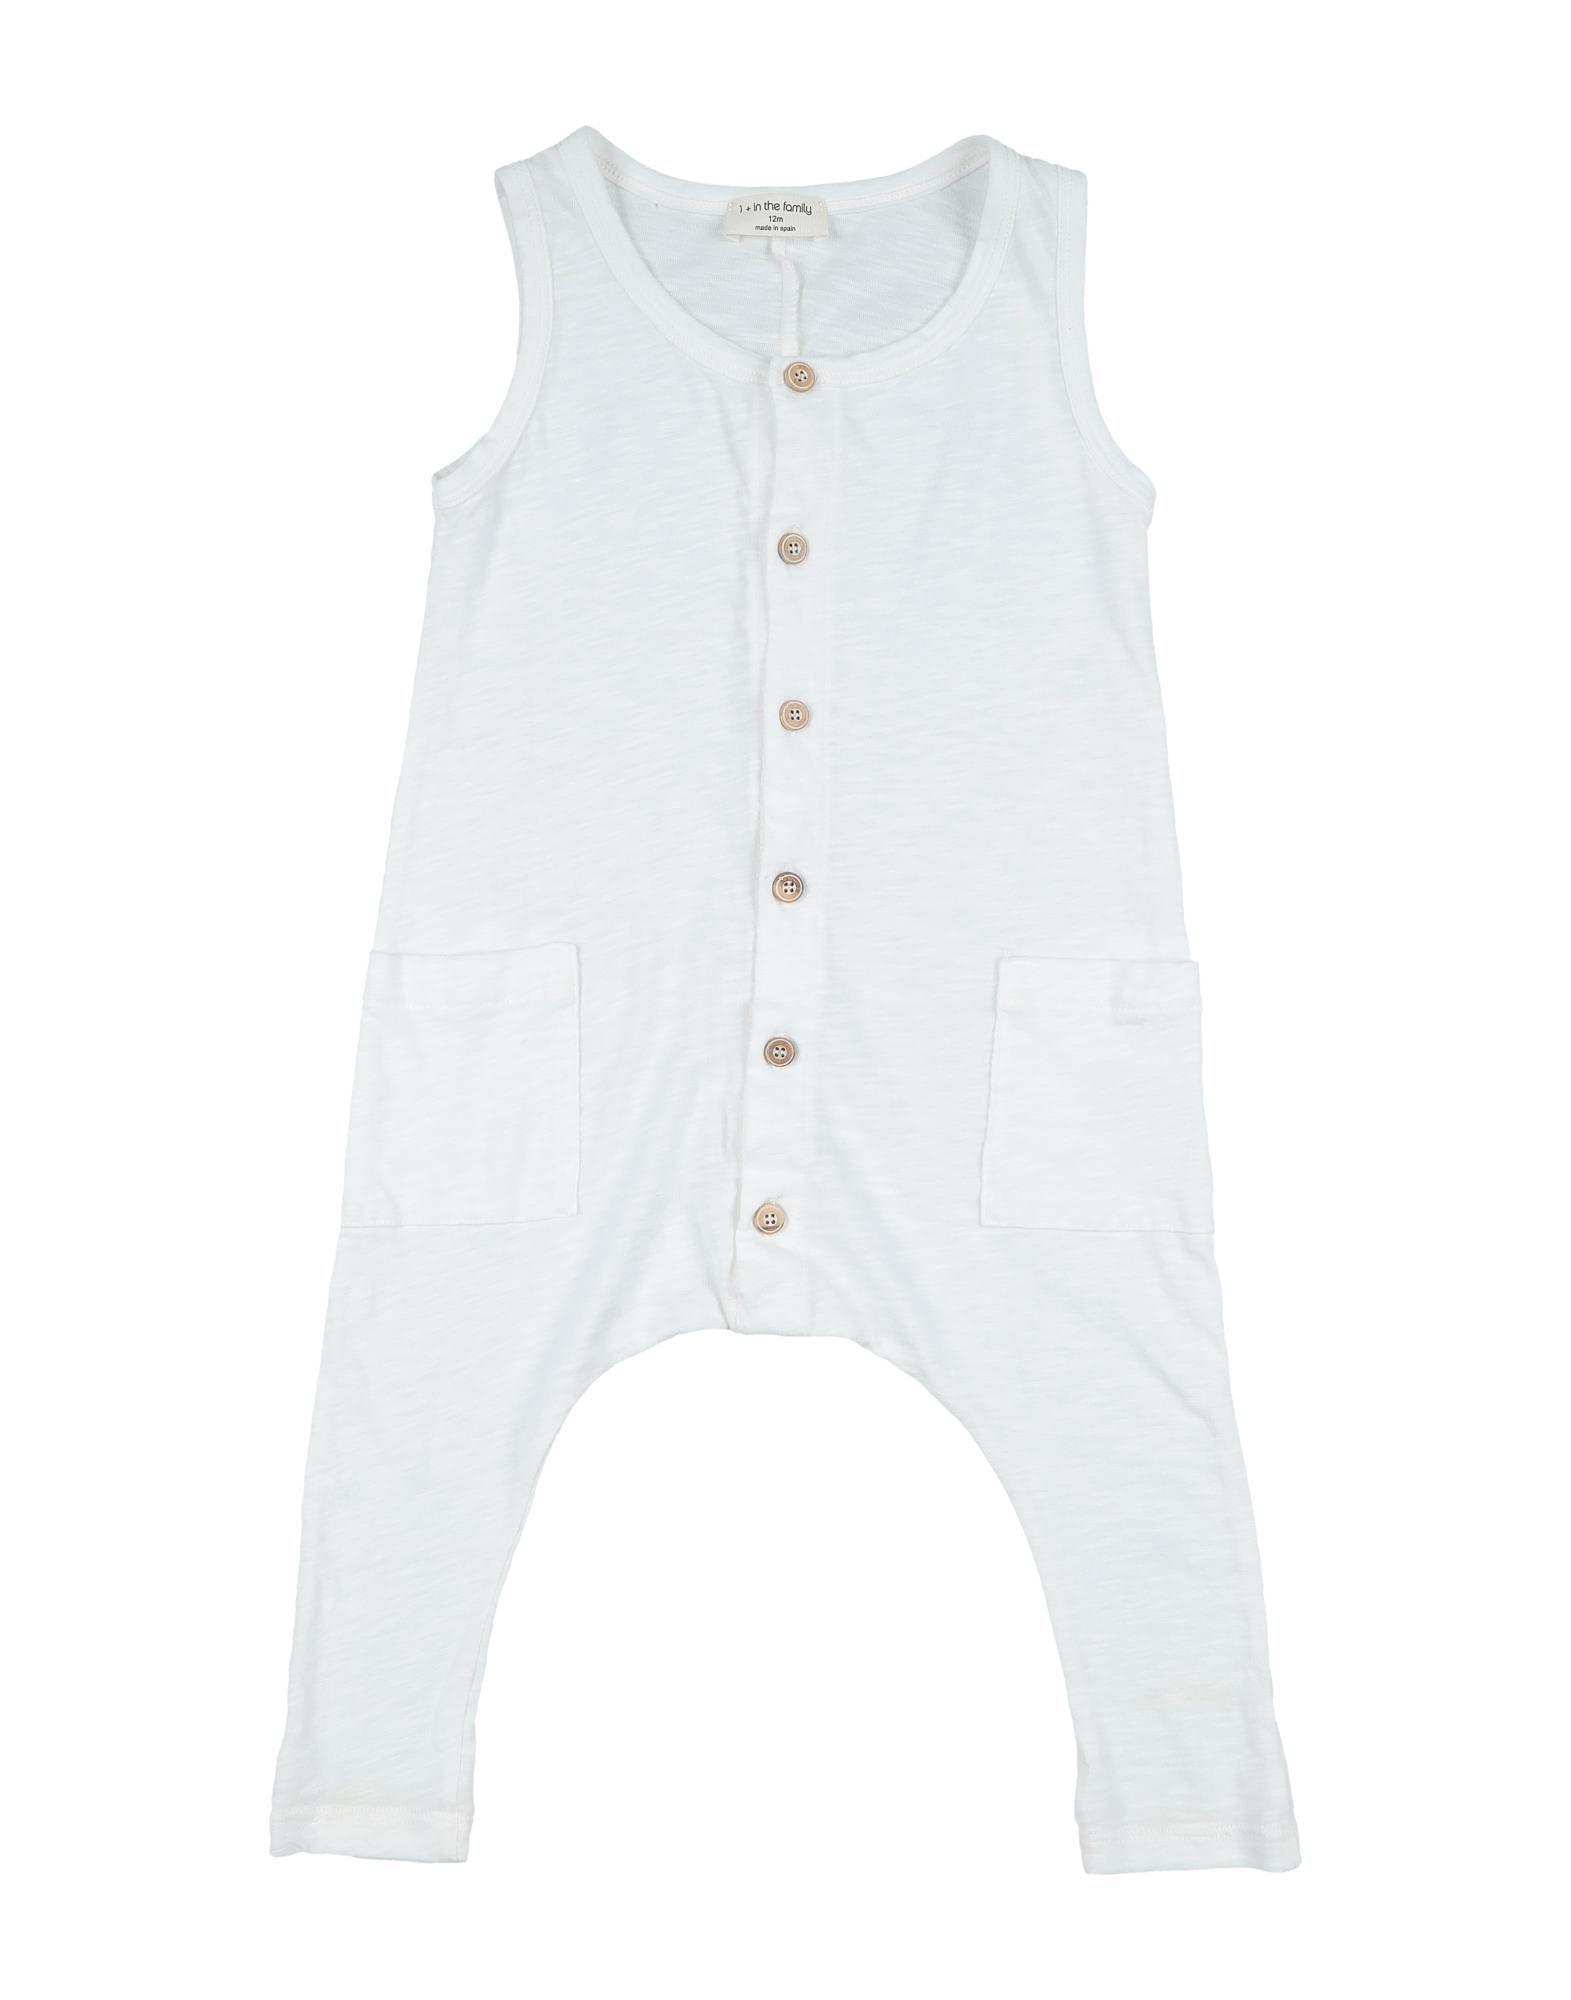 YOOX.COM(ユークス)《セール開催中》1 + IN THE FAMILY ガールズ 0-24 ヶ月 乳幼児用ロンパース ホワイト 12 コットン 100%